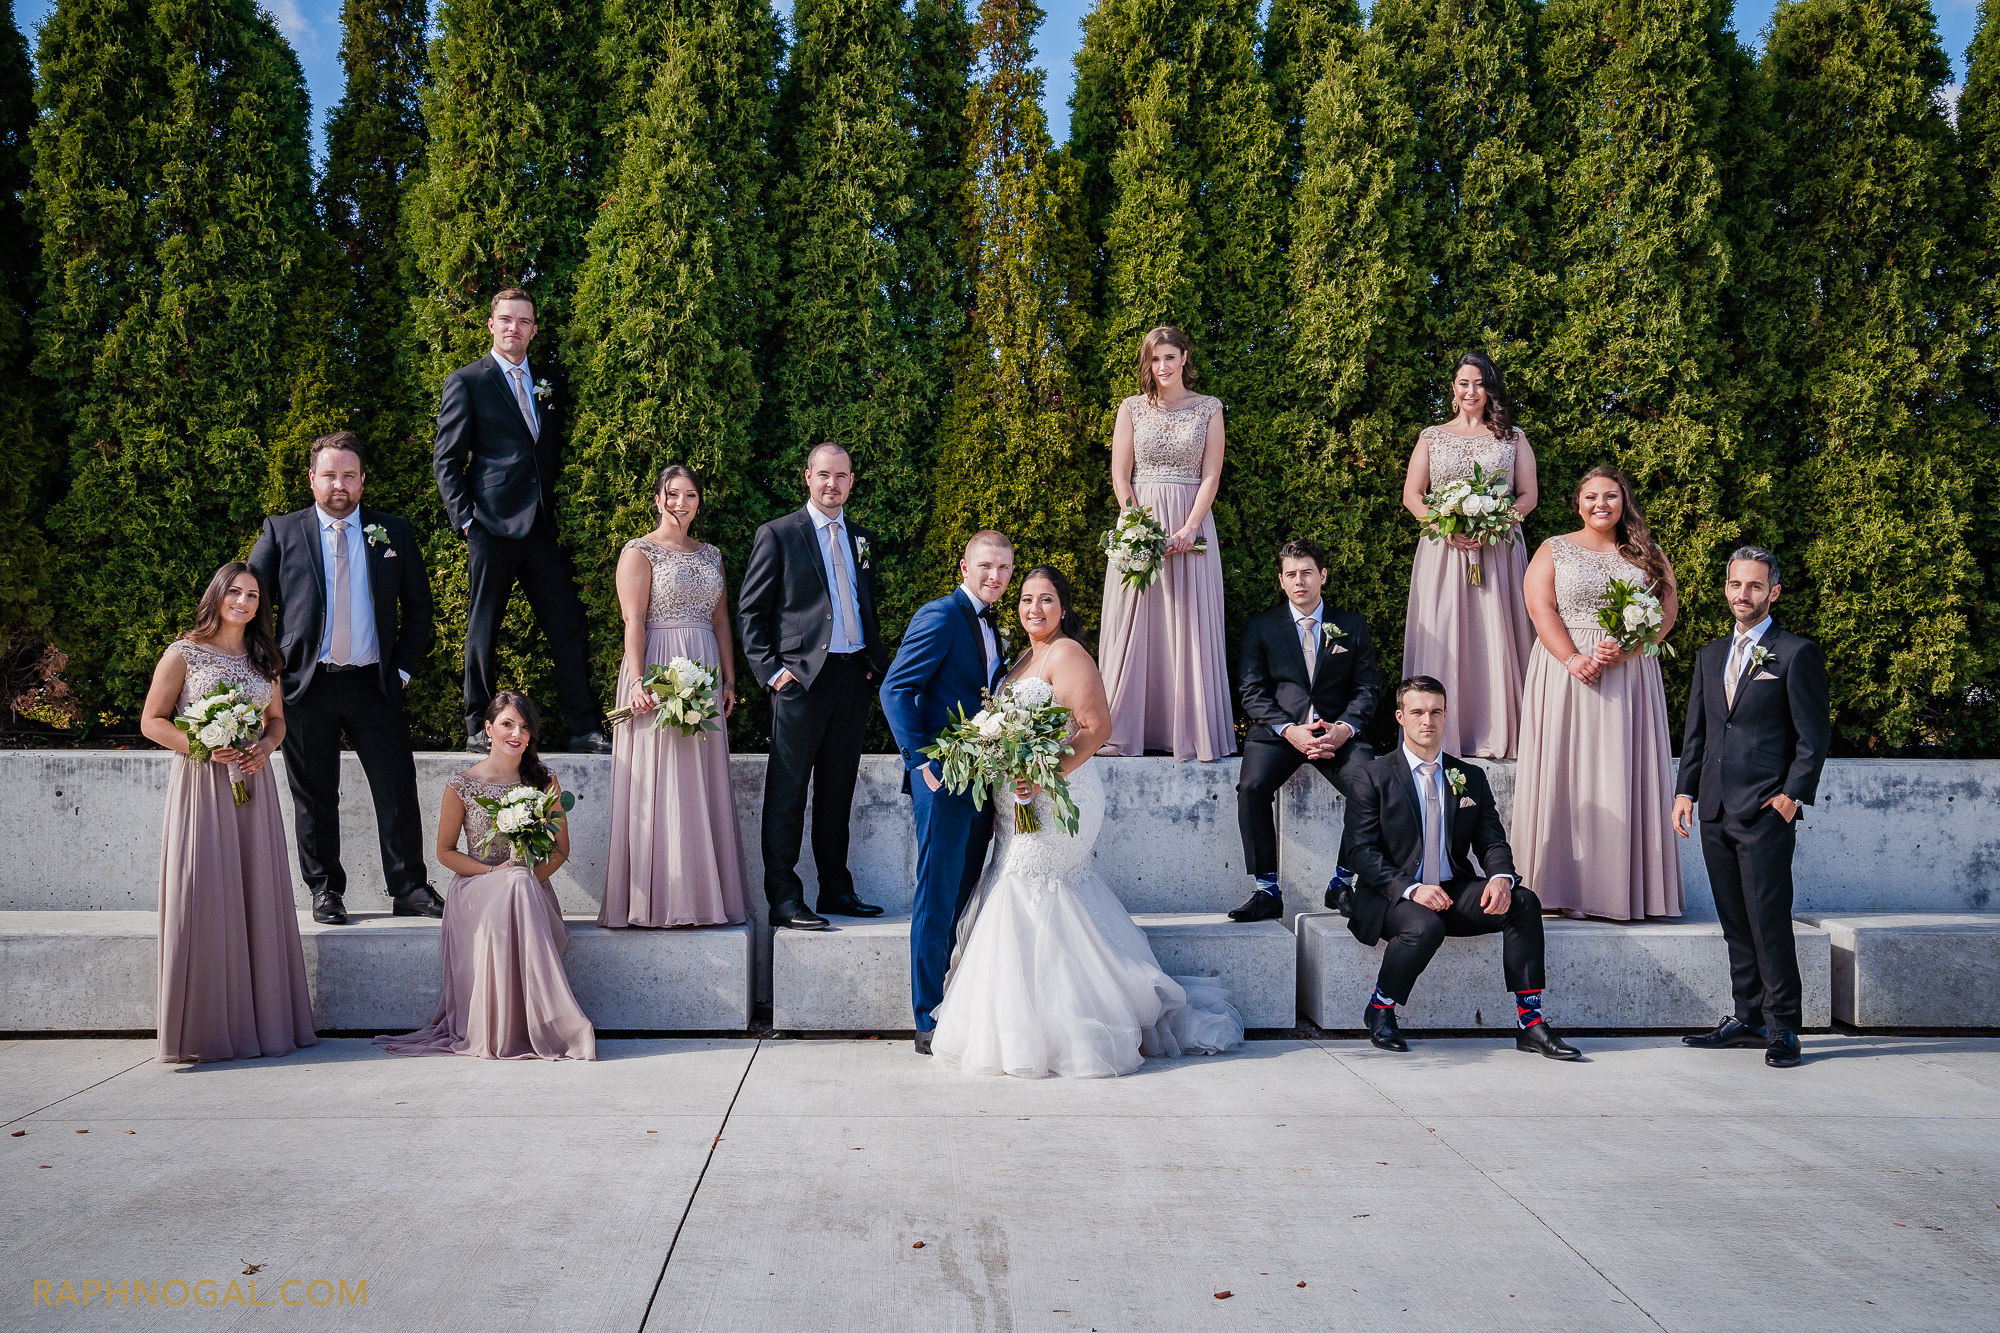 Wedding Party at Aga Khan